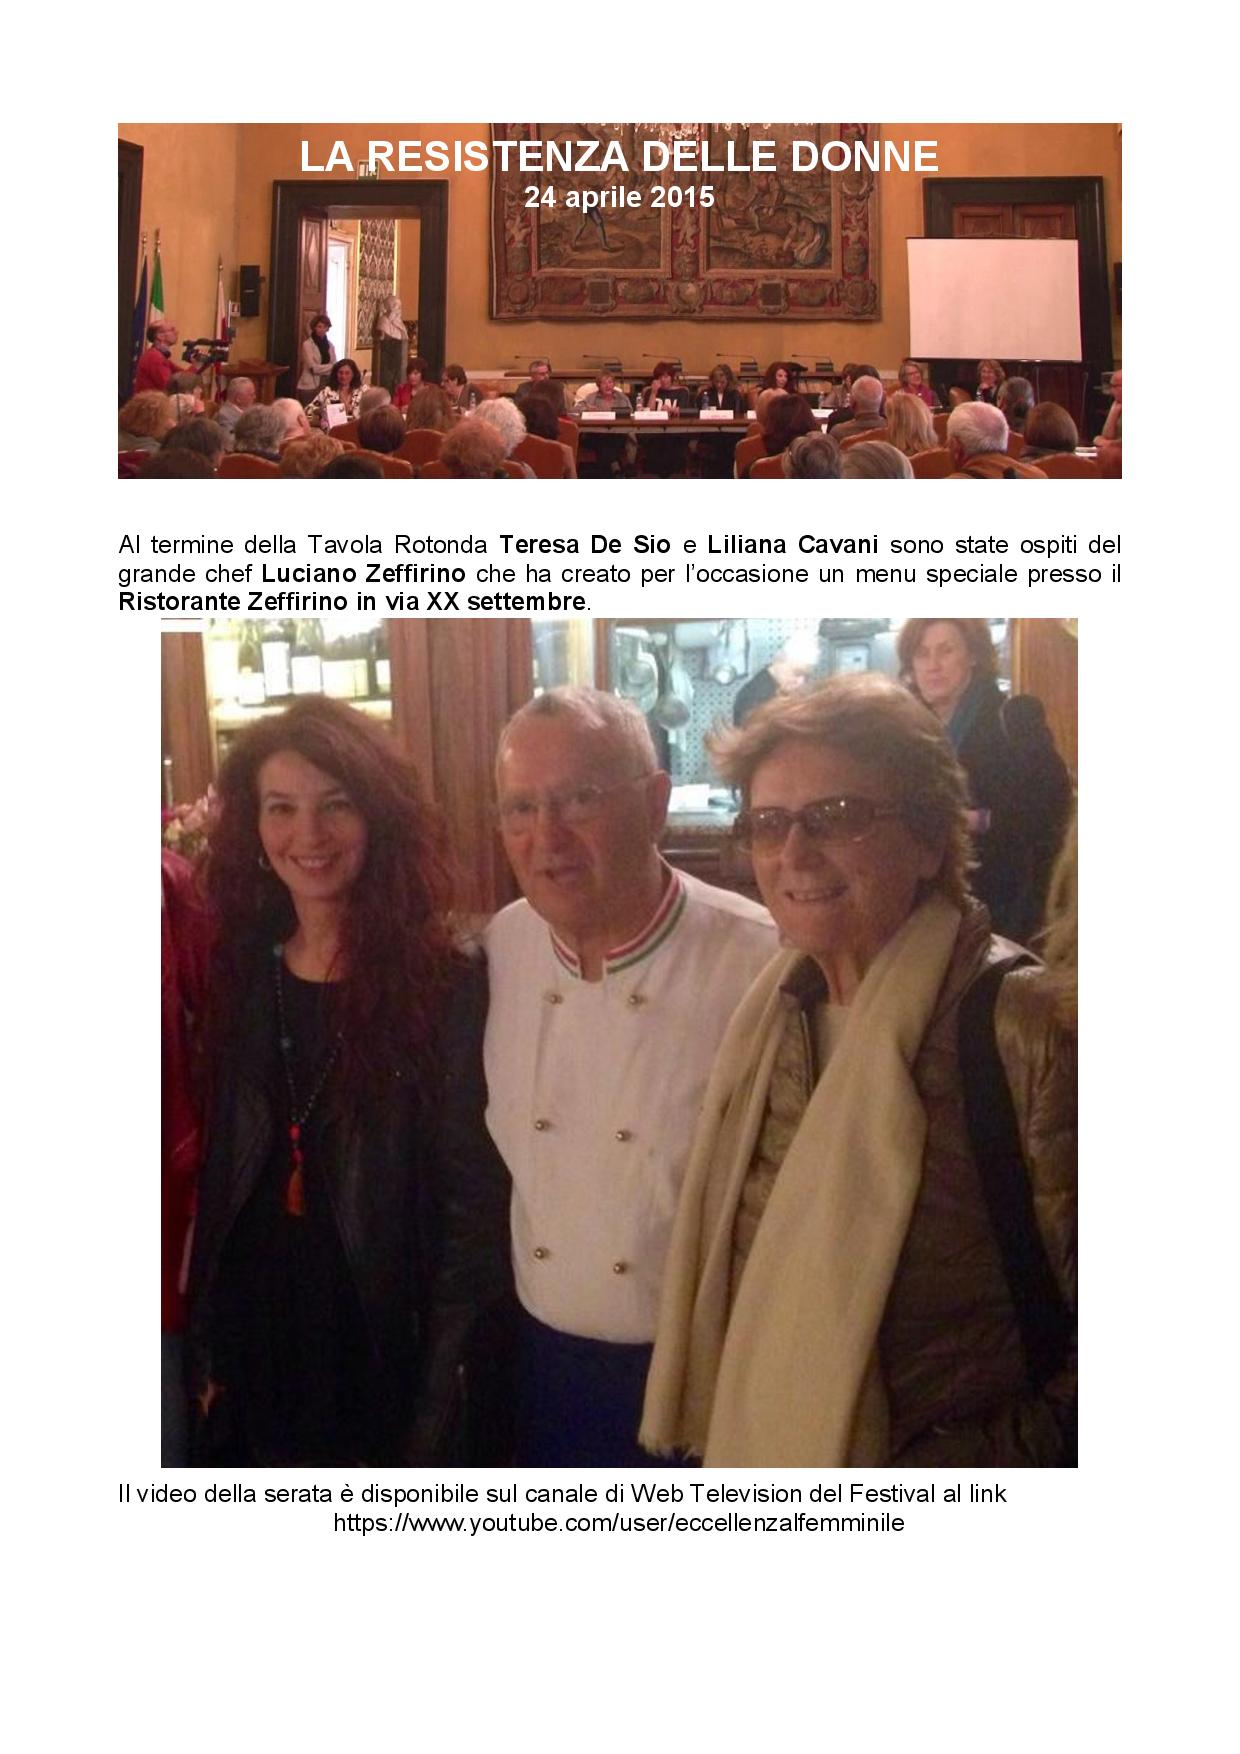 Festival dell Eccellenza al Femminile - Documento conclusivo Le donne della Resistenza 24 aprile 2015-page-003